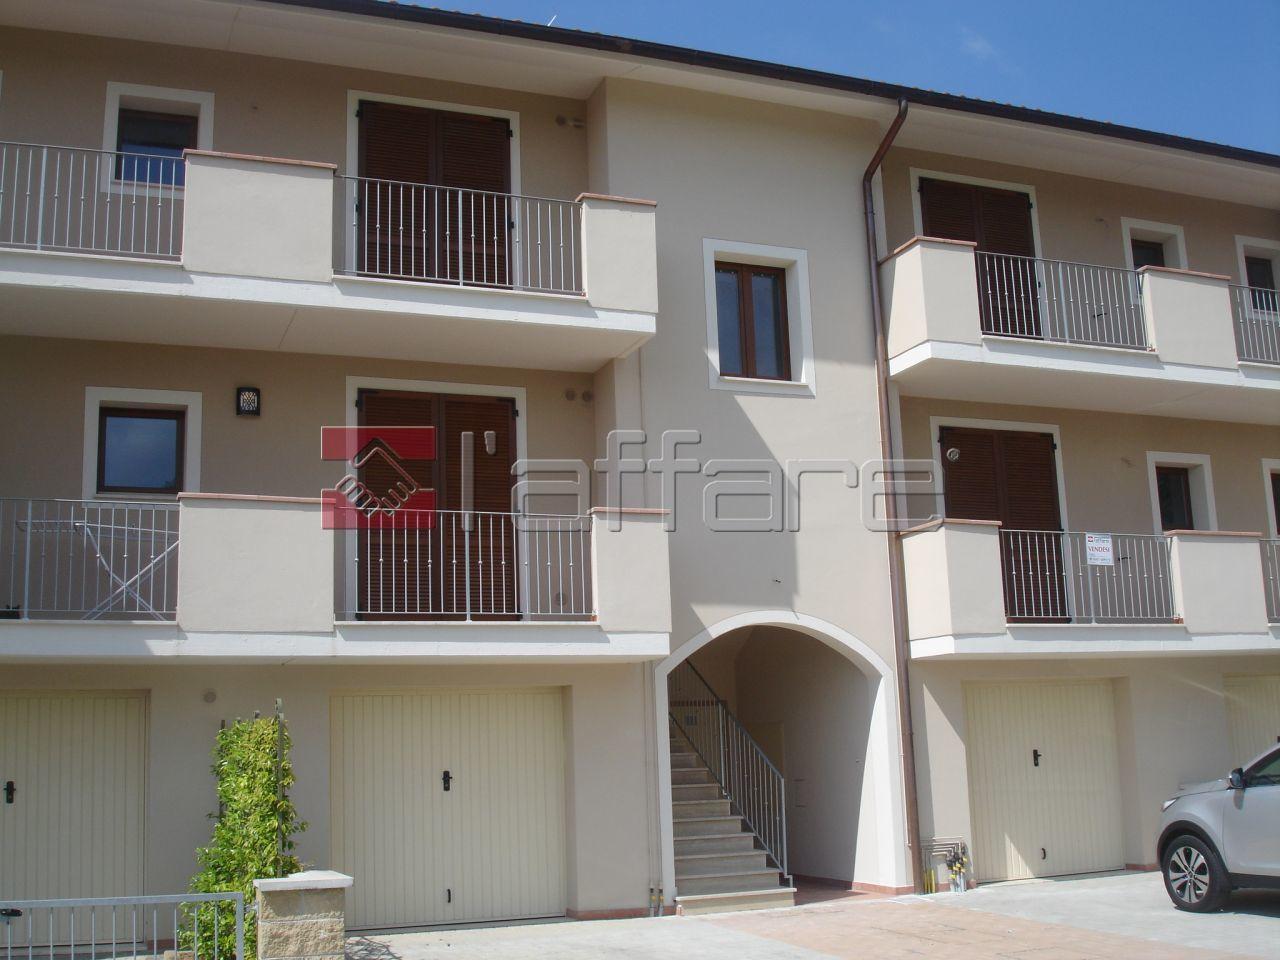 Appartamento in vendita Rif. 4143922